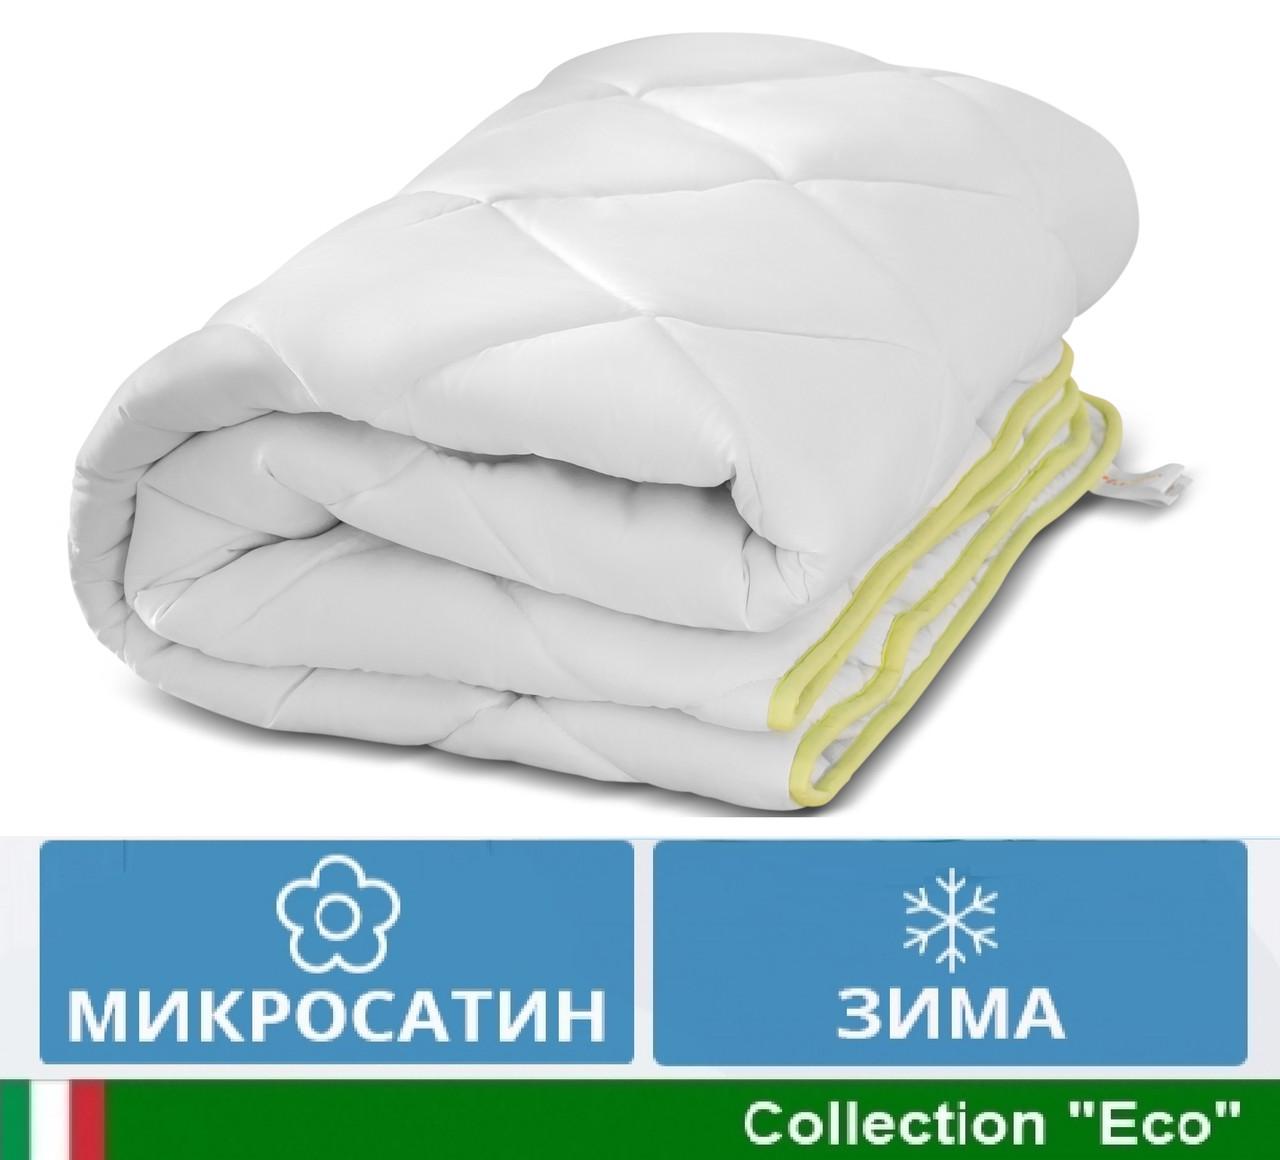 Одеяло EcoSilk Зима полуторное 155x215 MirSon 003